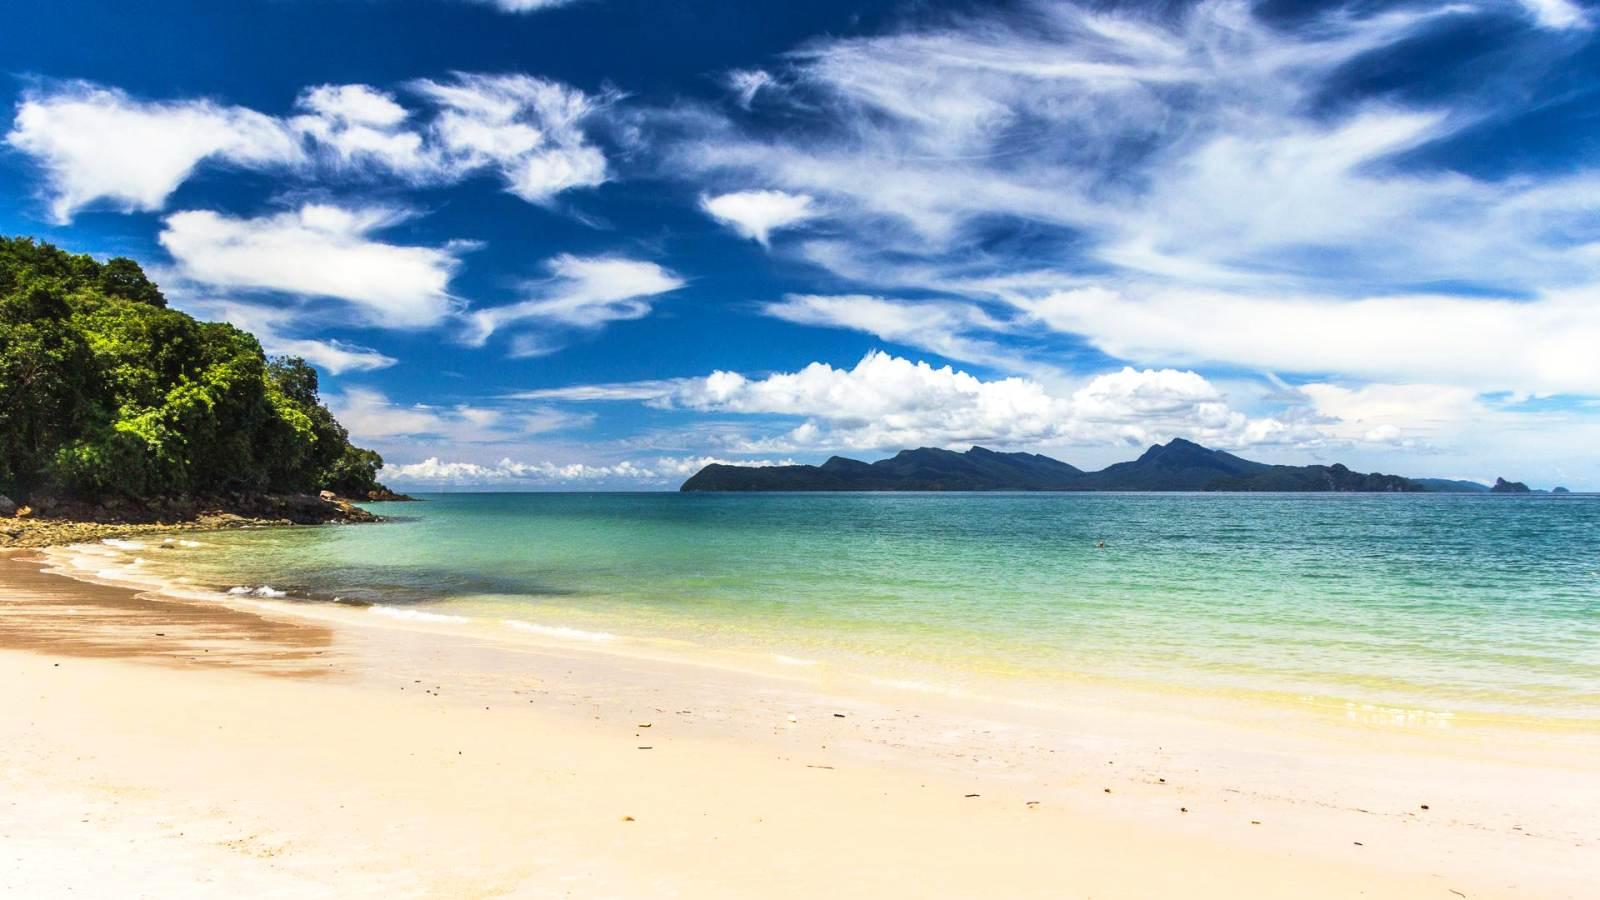 Malajsie 6 - Všechny zajímavosti Langkawi ve 2 dnech